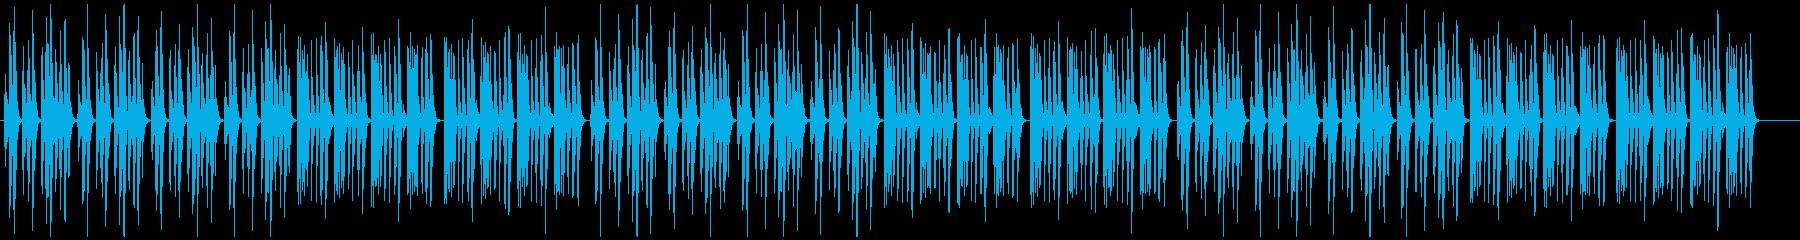 ほのぼの・日常・コミカル・マリンバの再生済みの波形